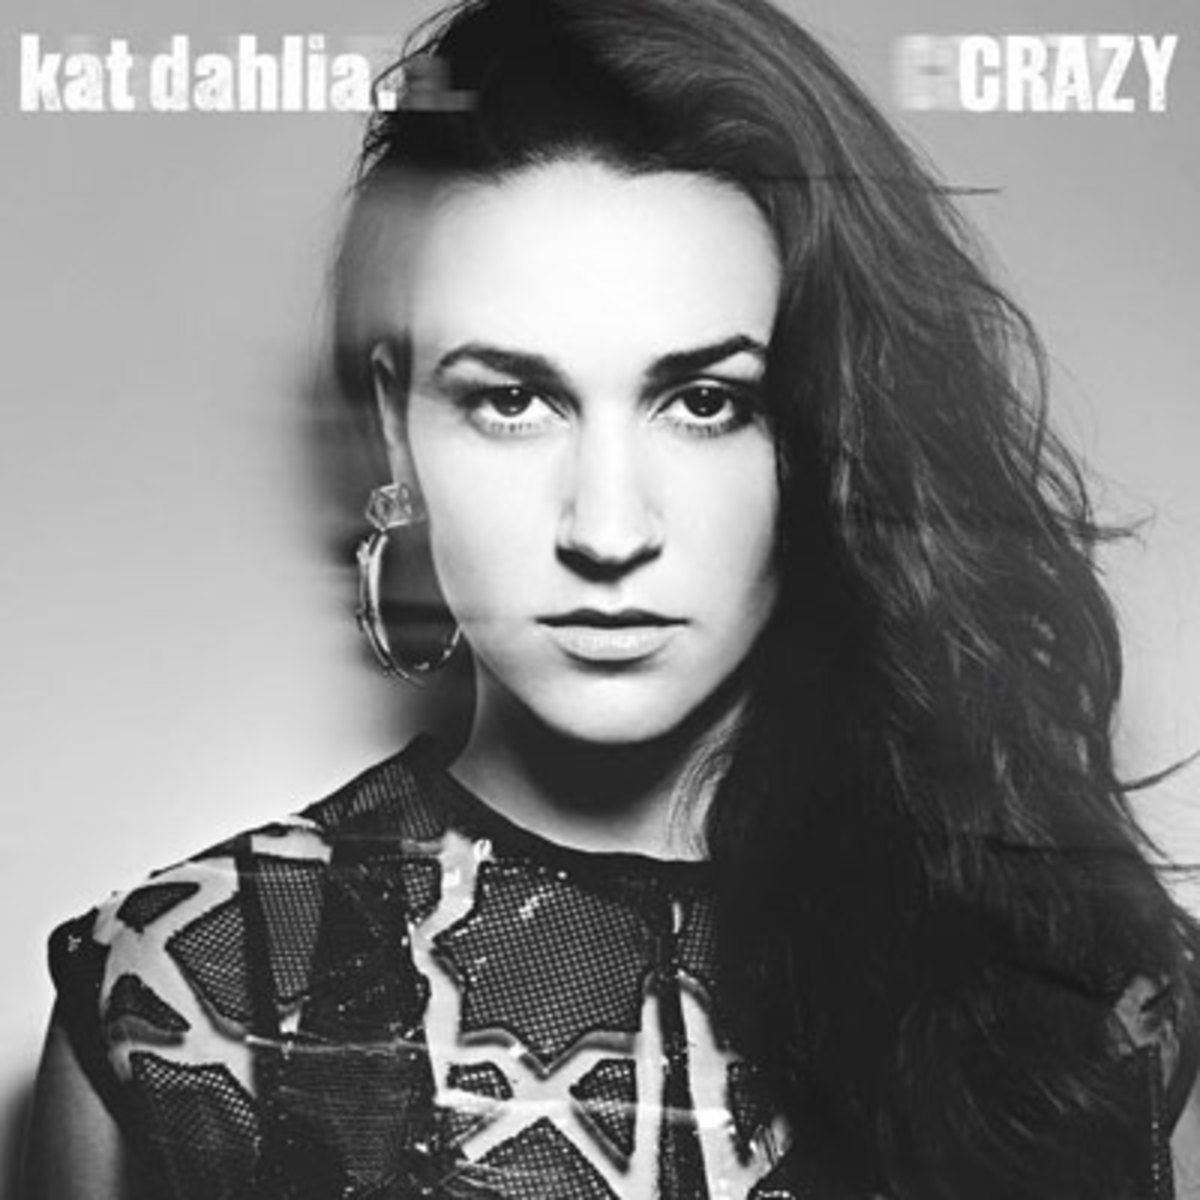 katdahlia-crazy.jpg